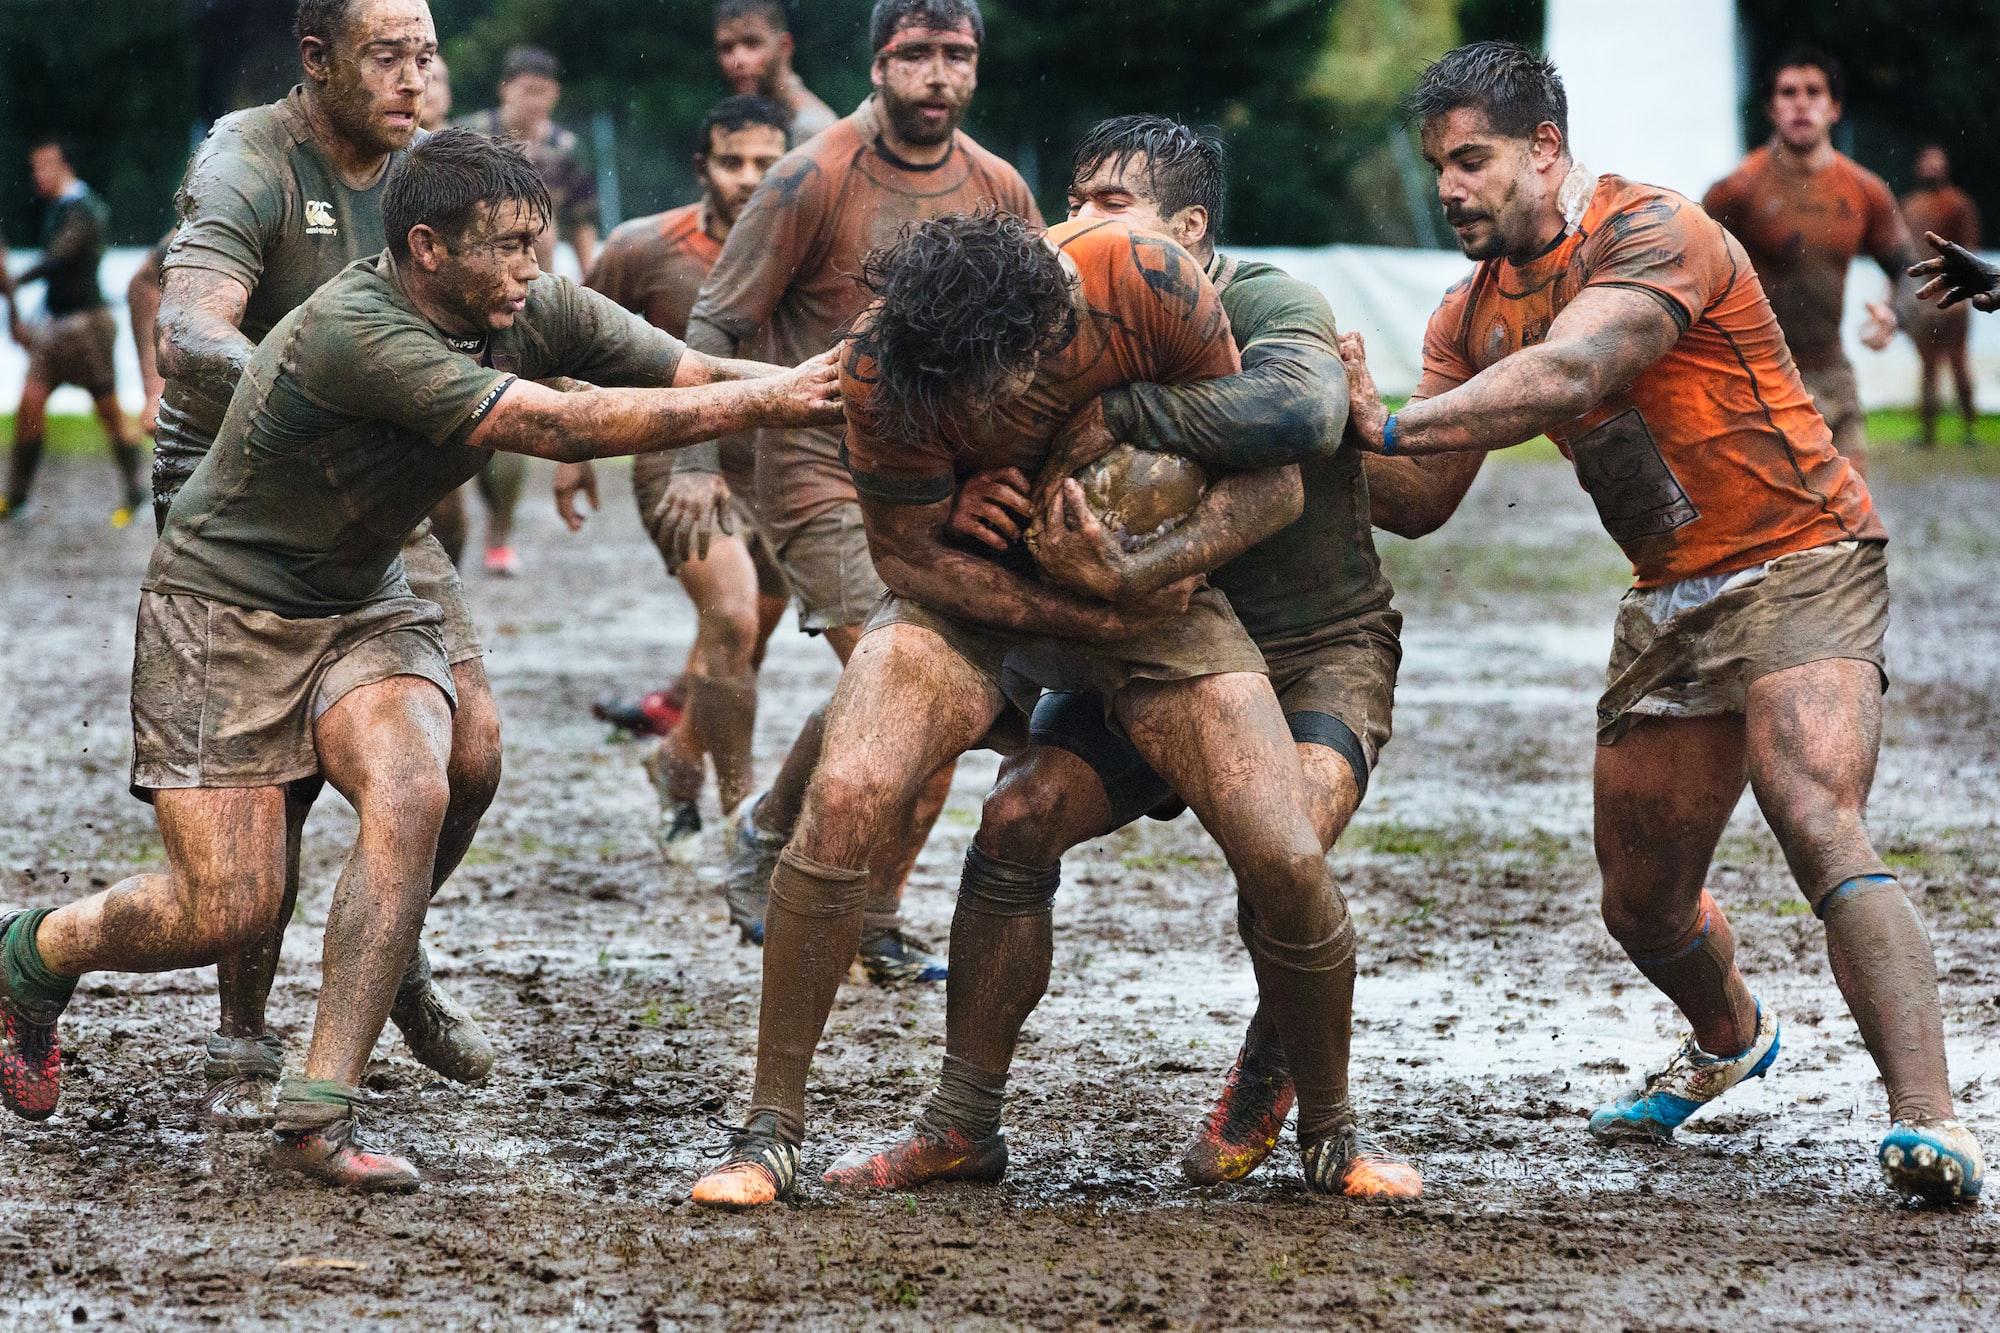 Durante un partido entre el Club de Rugby Málaga y el Económicas Rugby Málaga celebrado en el Bahia's Park de Marbella.